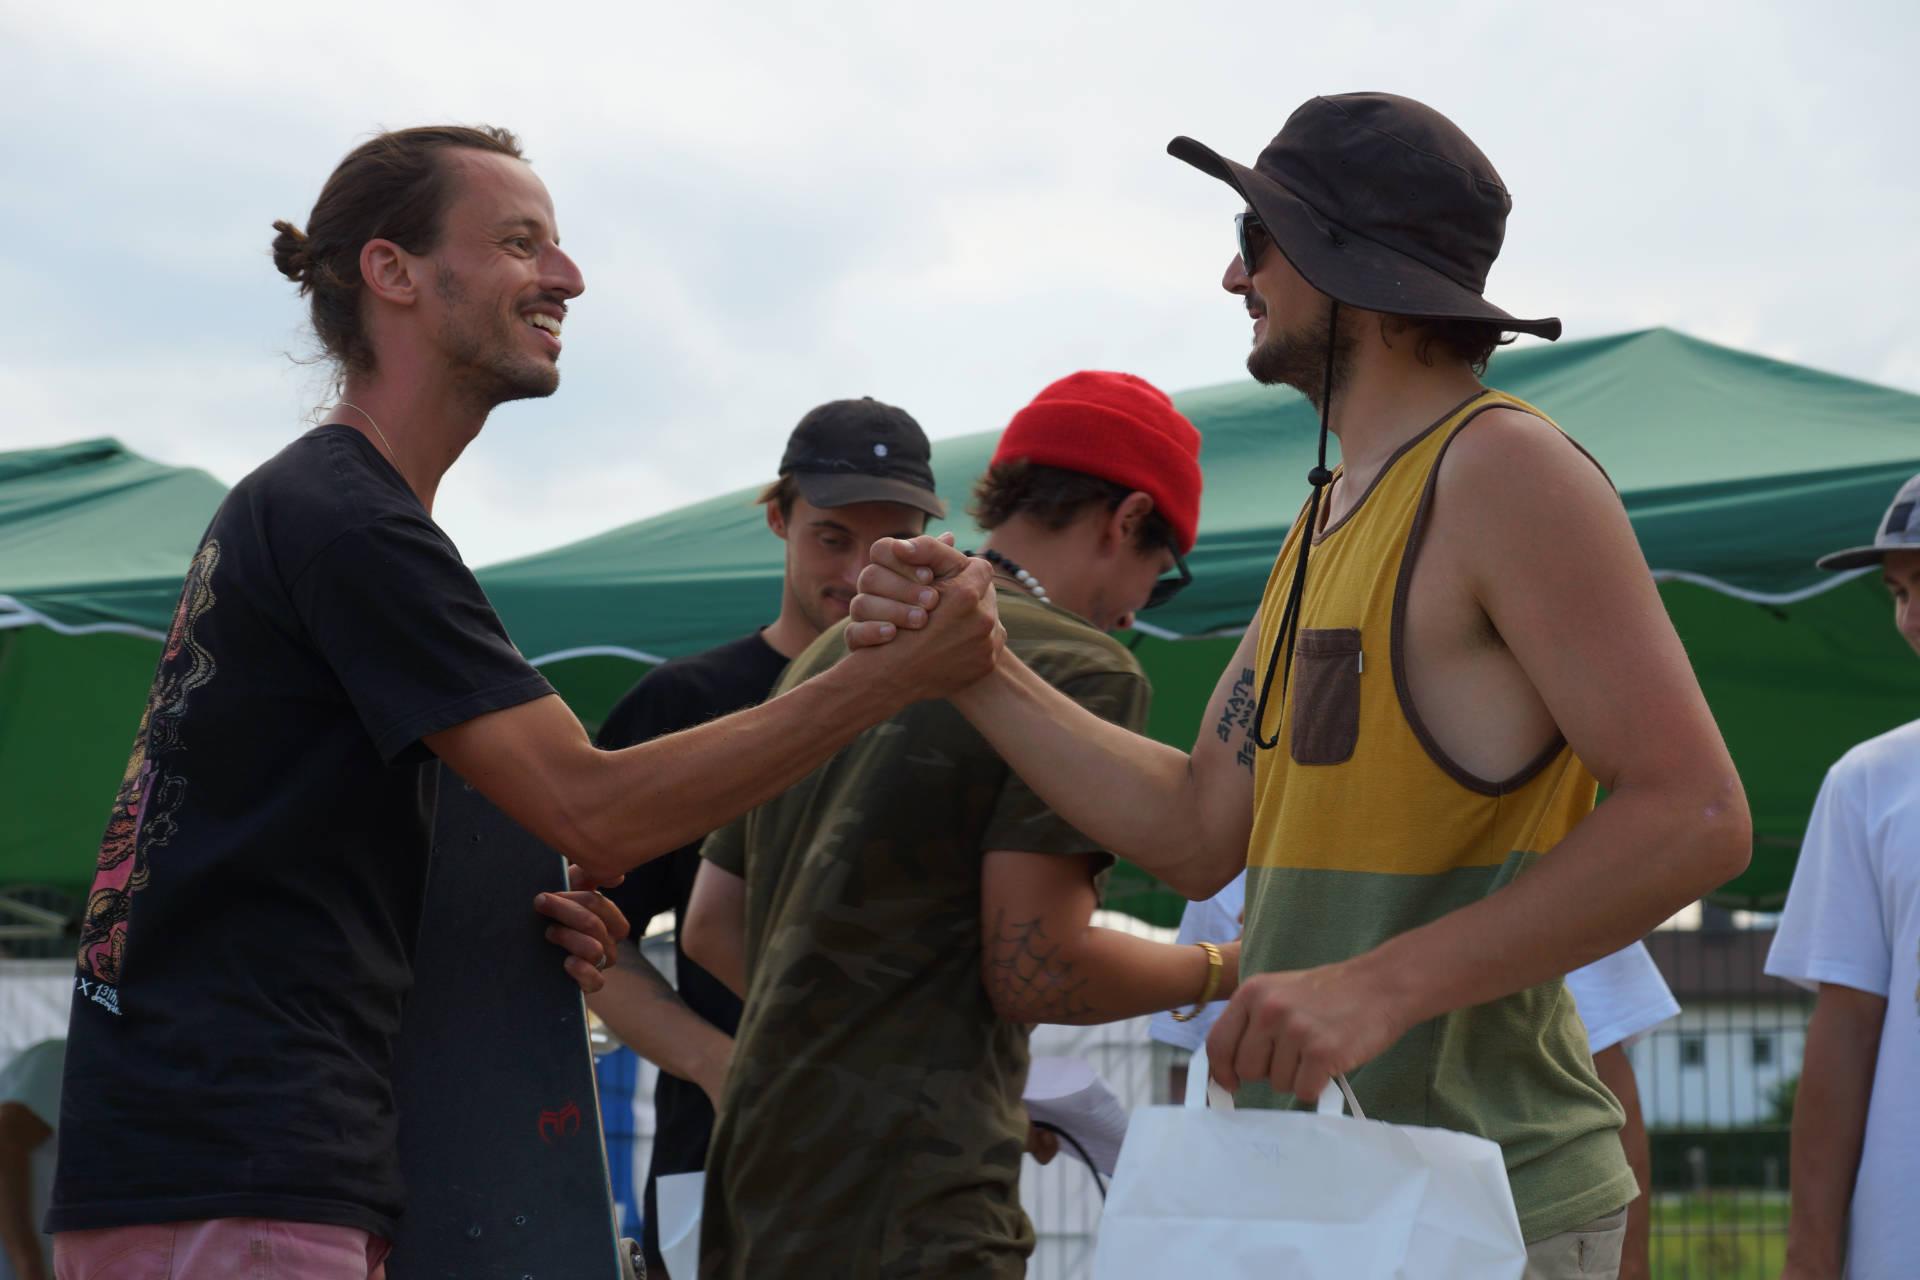 skateboardheadz st johann in tirol kgt 2019 finale 00092